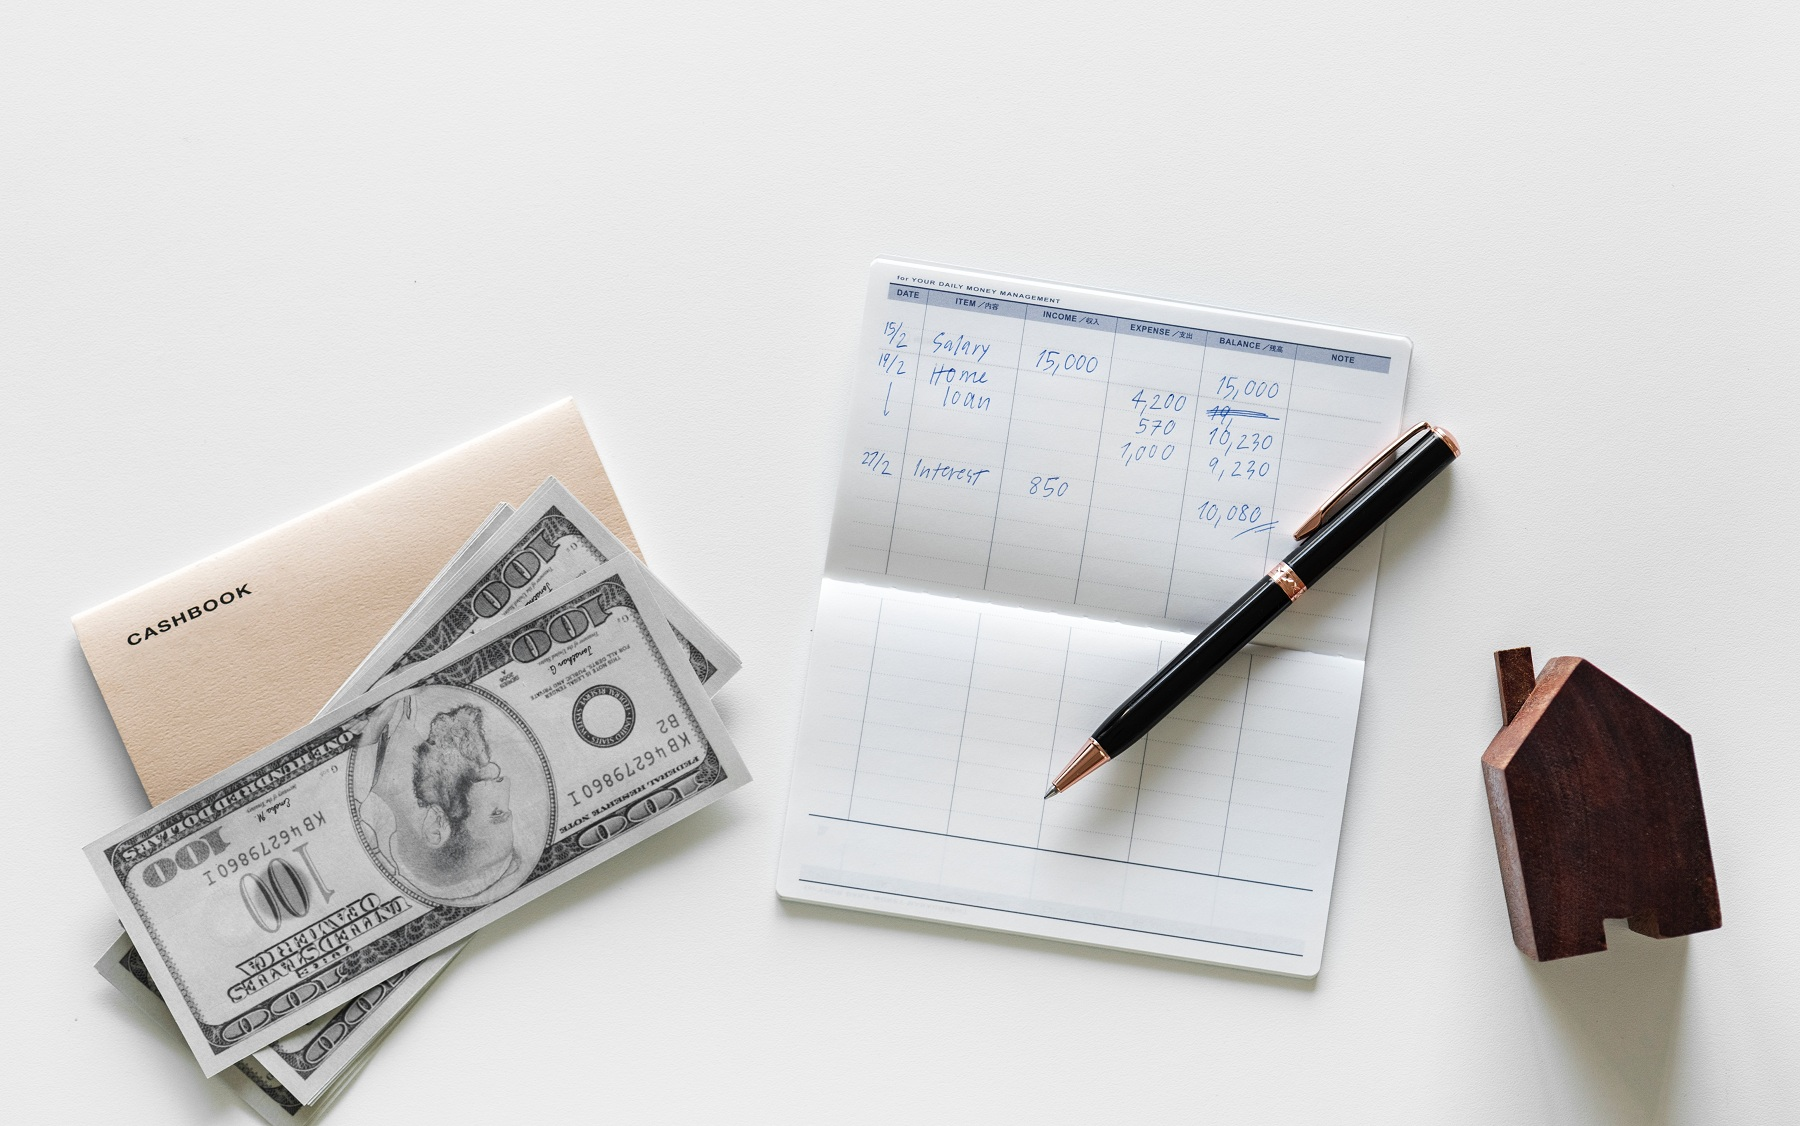 Основні податкові зміни до бюджету-2019, які ухвалила Рада